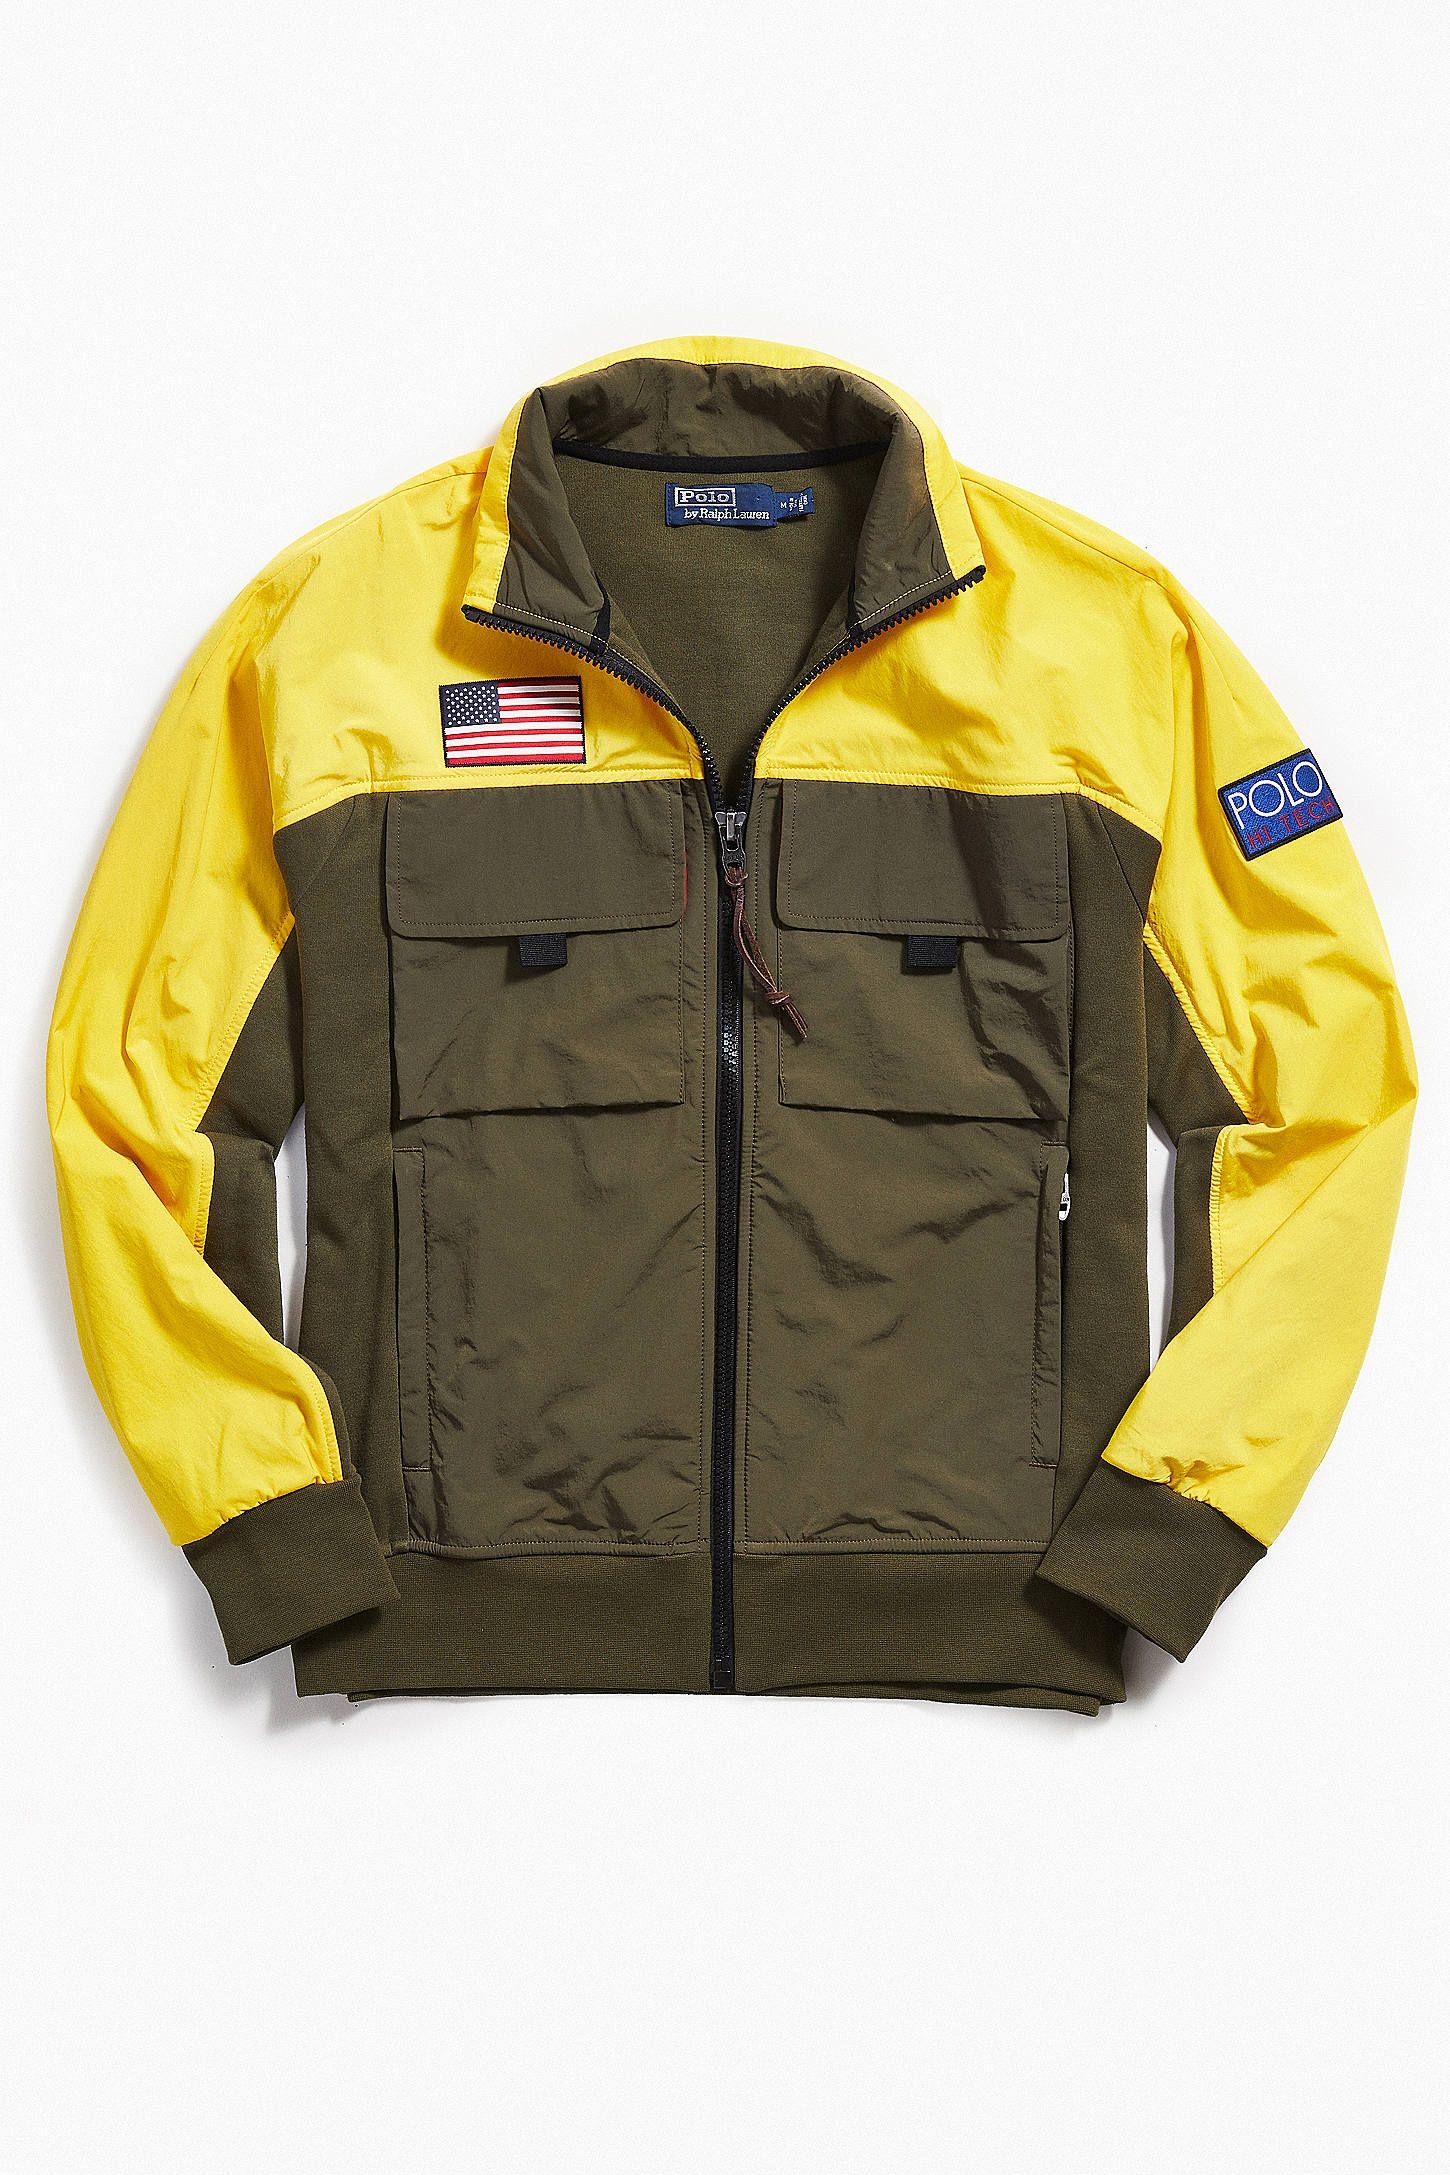 1c752c4876e8 Polo Ralph Lauren Double-Knit Hi-Tech Hybrid Jacket